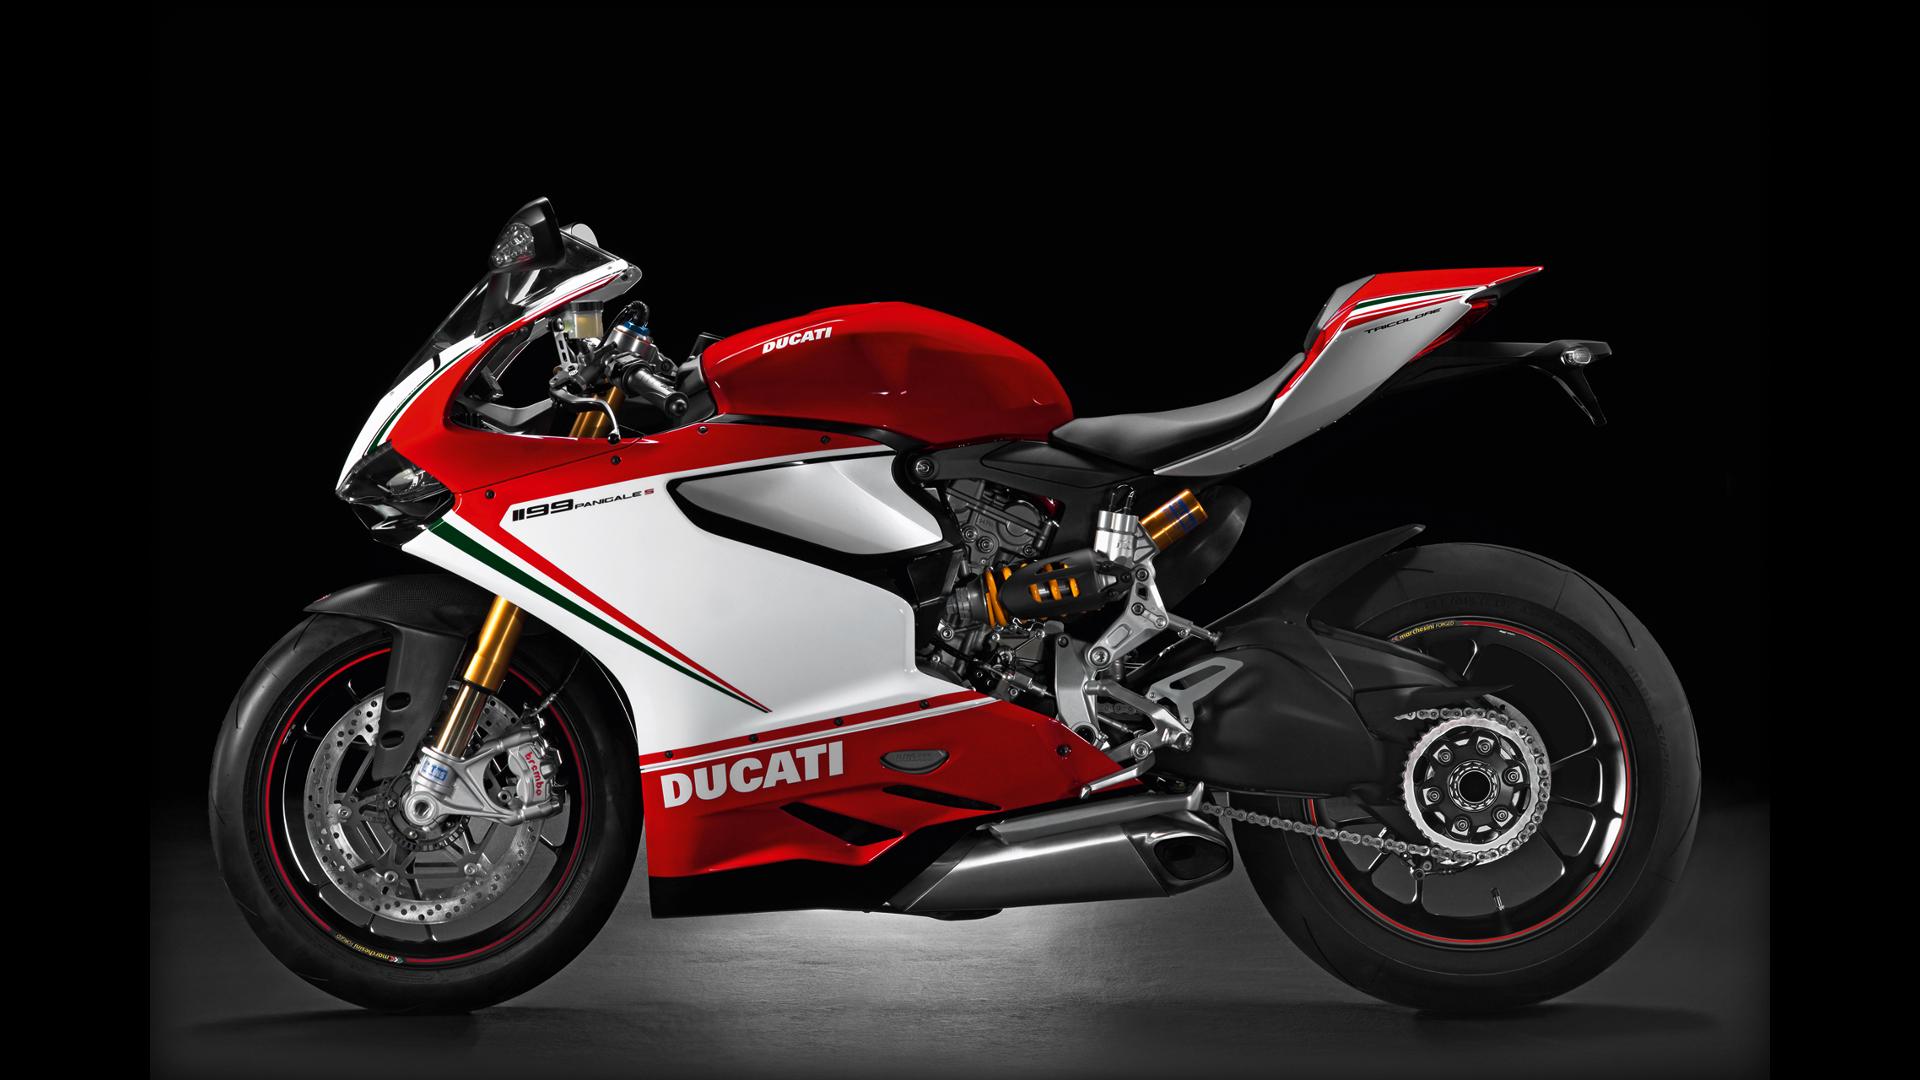 Tìm hiểu Ducati 1199 Panigale, siêu xe trong vụ tai nạn với đoàn xe motor 6